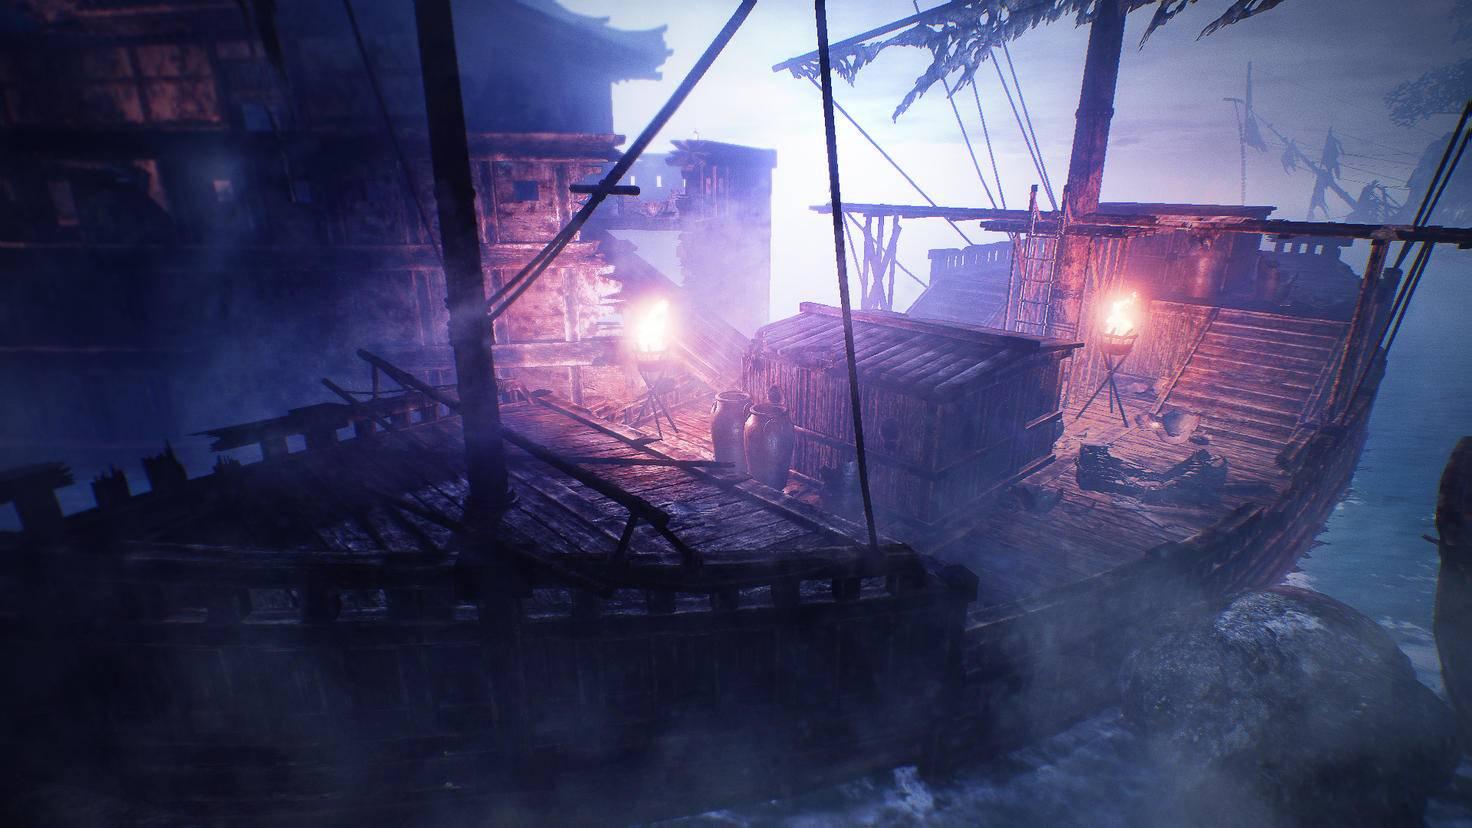 Der Weg nach Asien wurde historisch meist per Segelschiff zurückgelegt.